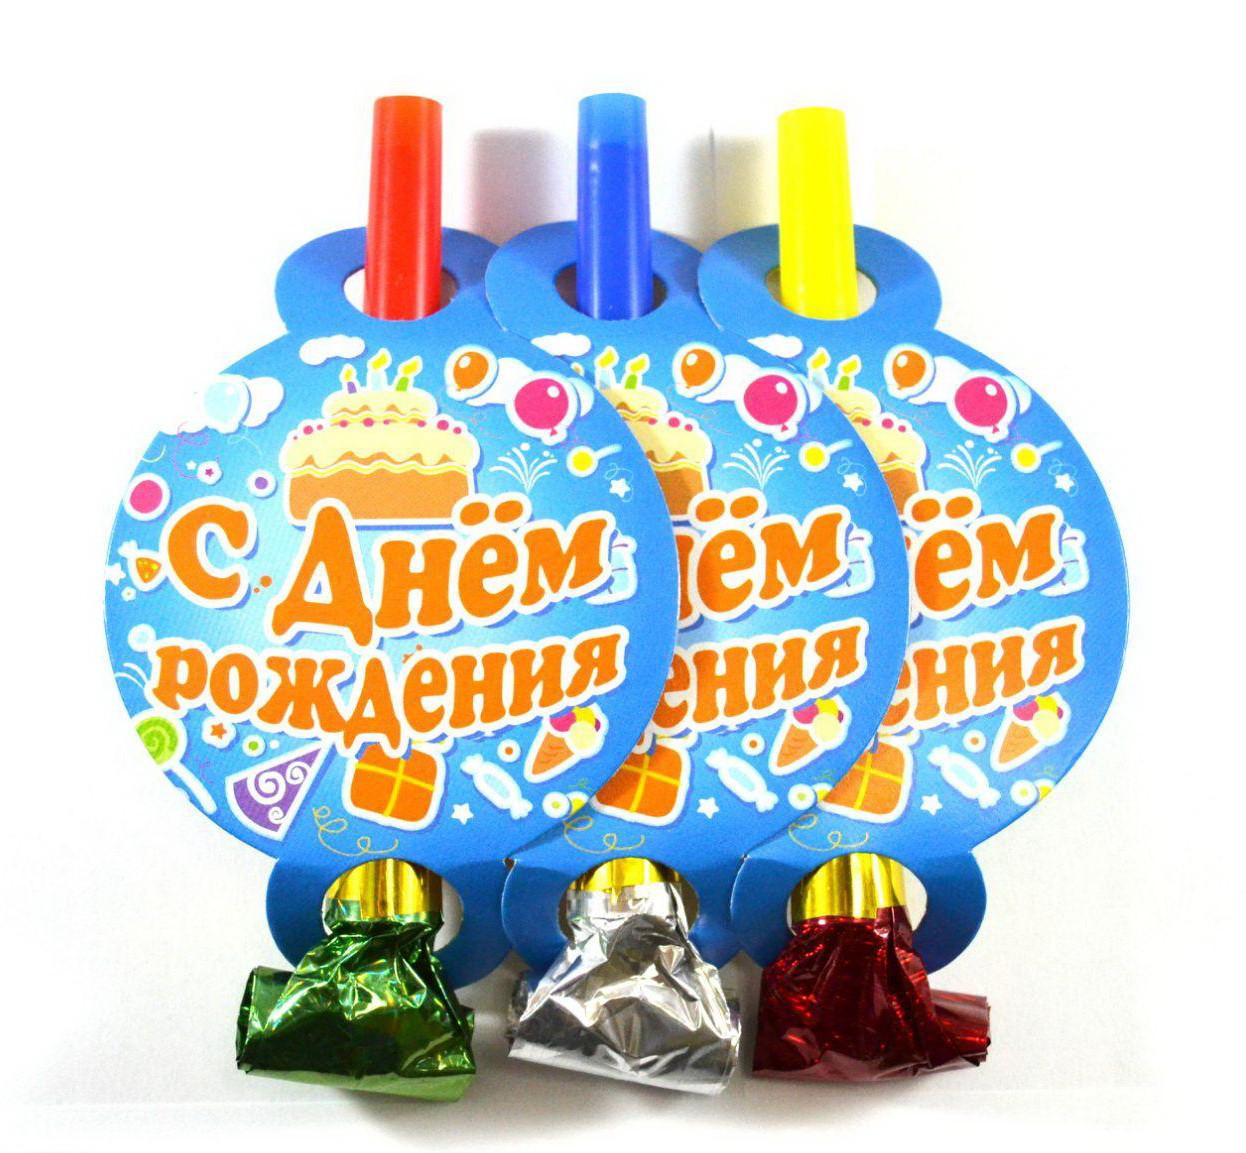 Святковий язичок дудка Торт День народження 6 штук